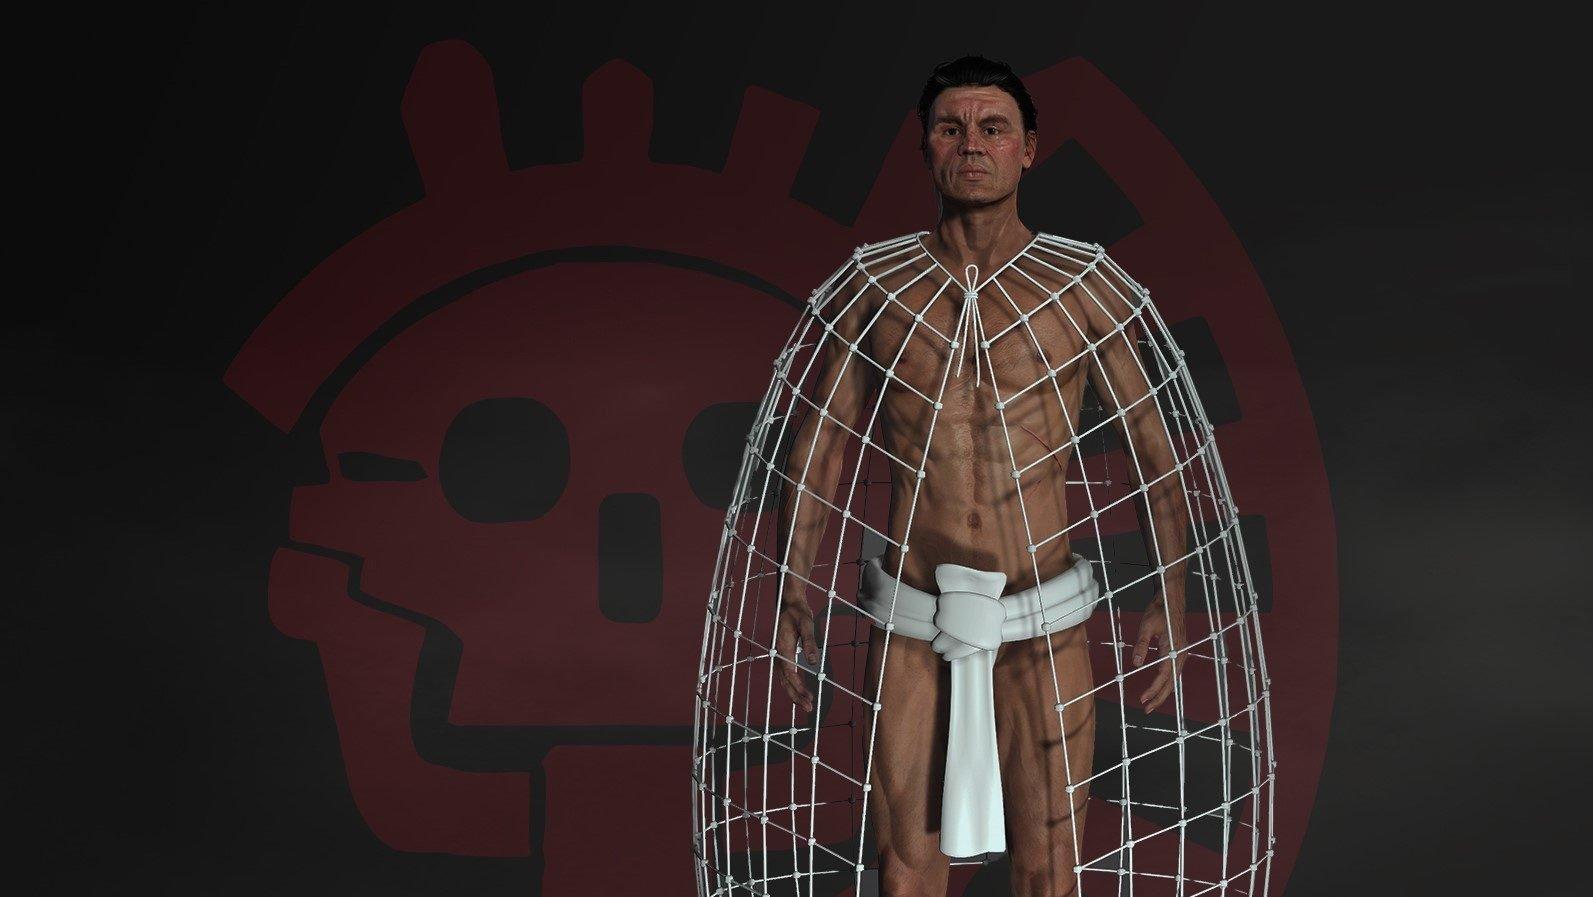 Este mexicano quiere crear el videojuego más ambicioso sobre culturas prehispánicas